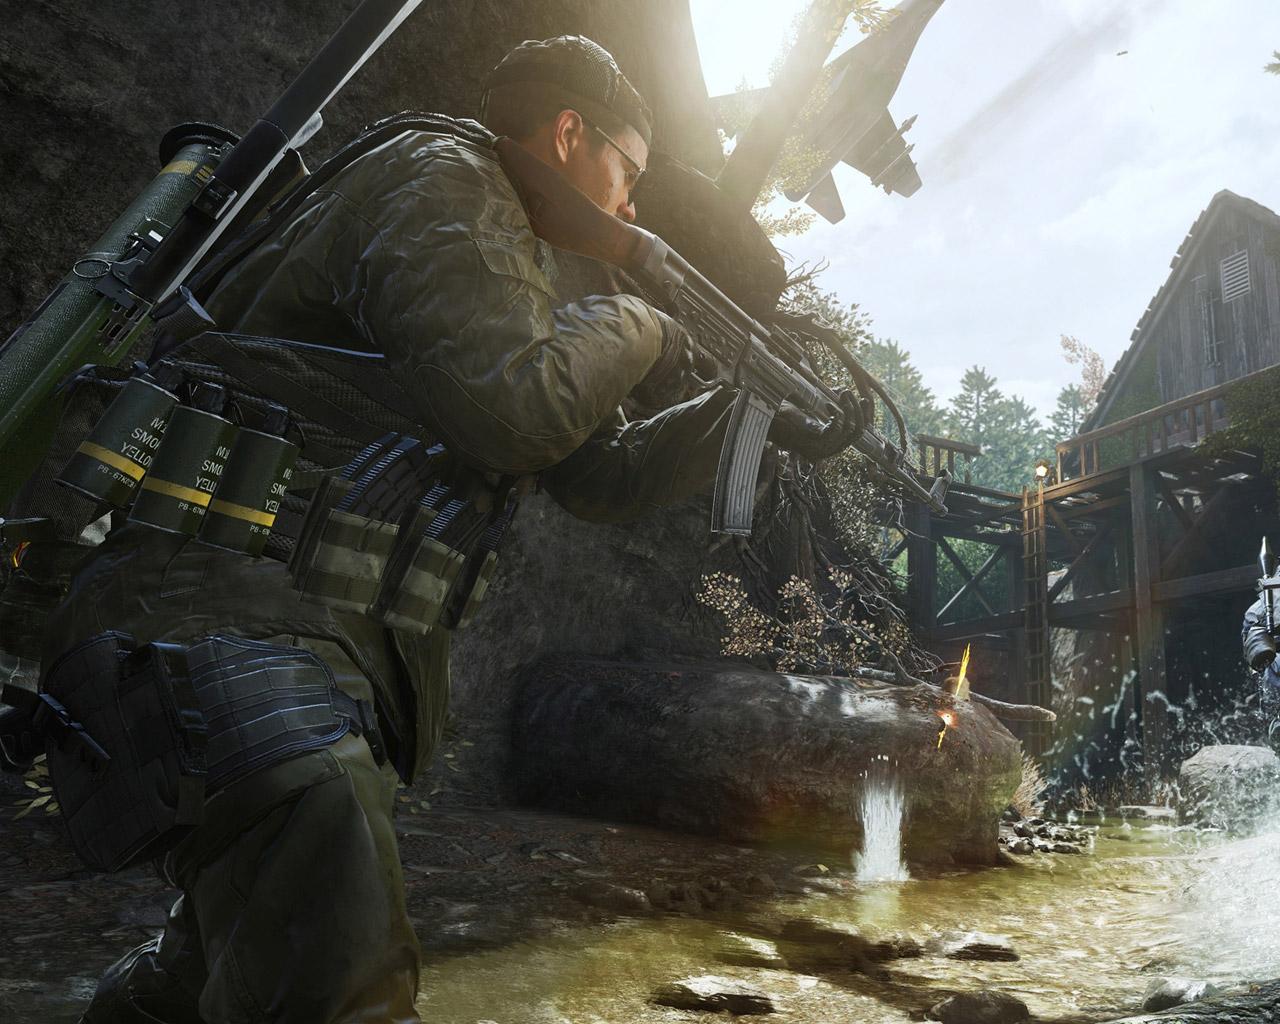 Free Call of Duty: Modern Warfare Wallpaper in 1280x1024